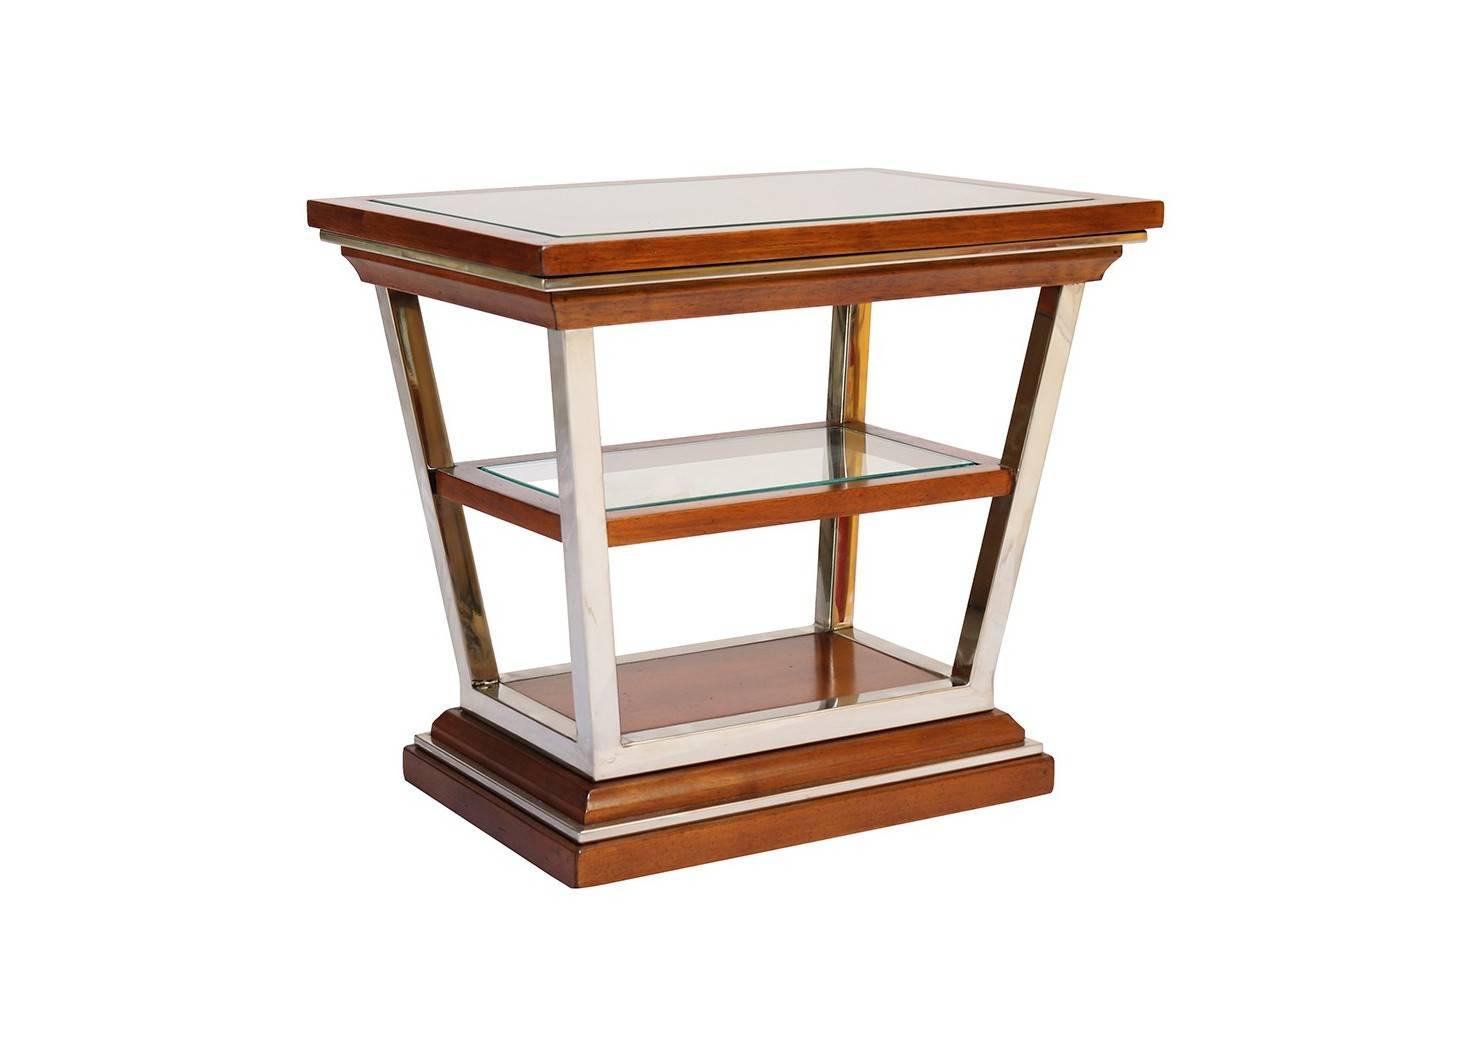 Bout de canapé rectangulaire Montaigne , plateau en verre, accacia finition noyer et inox